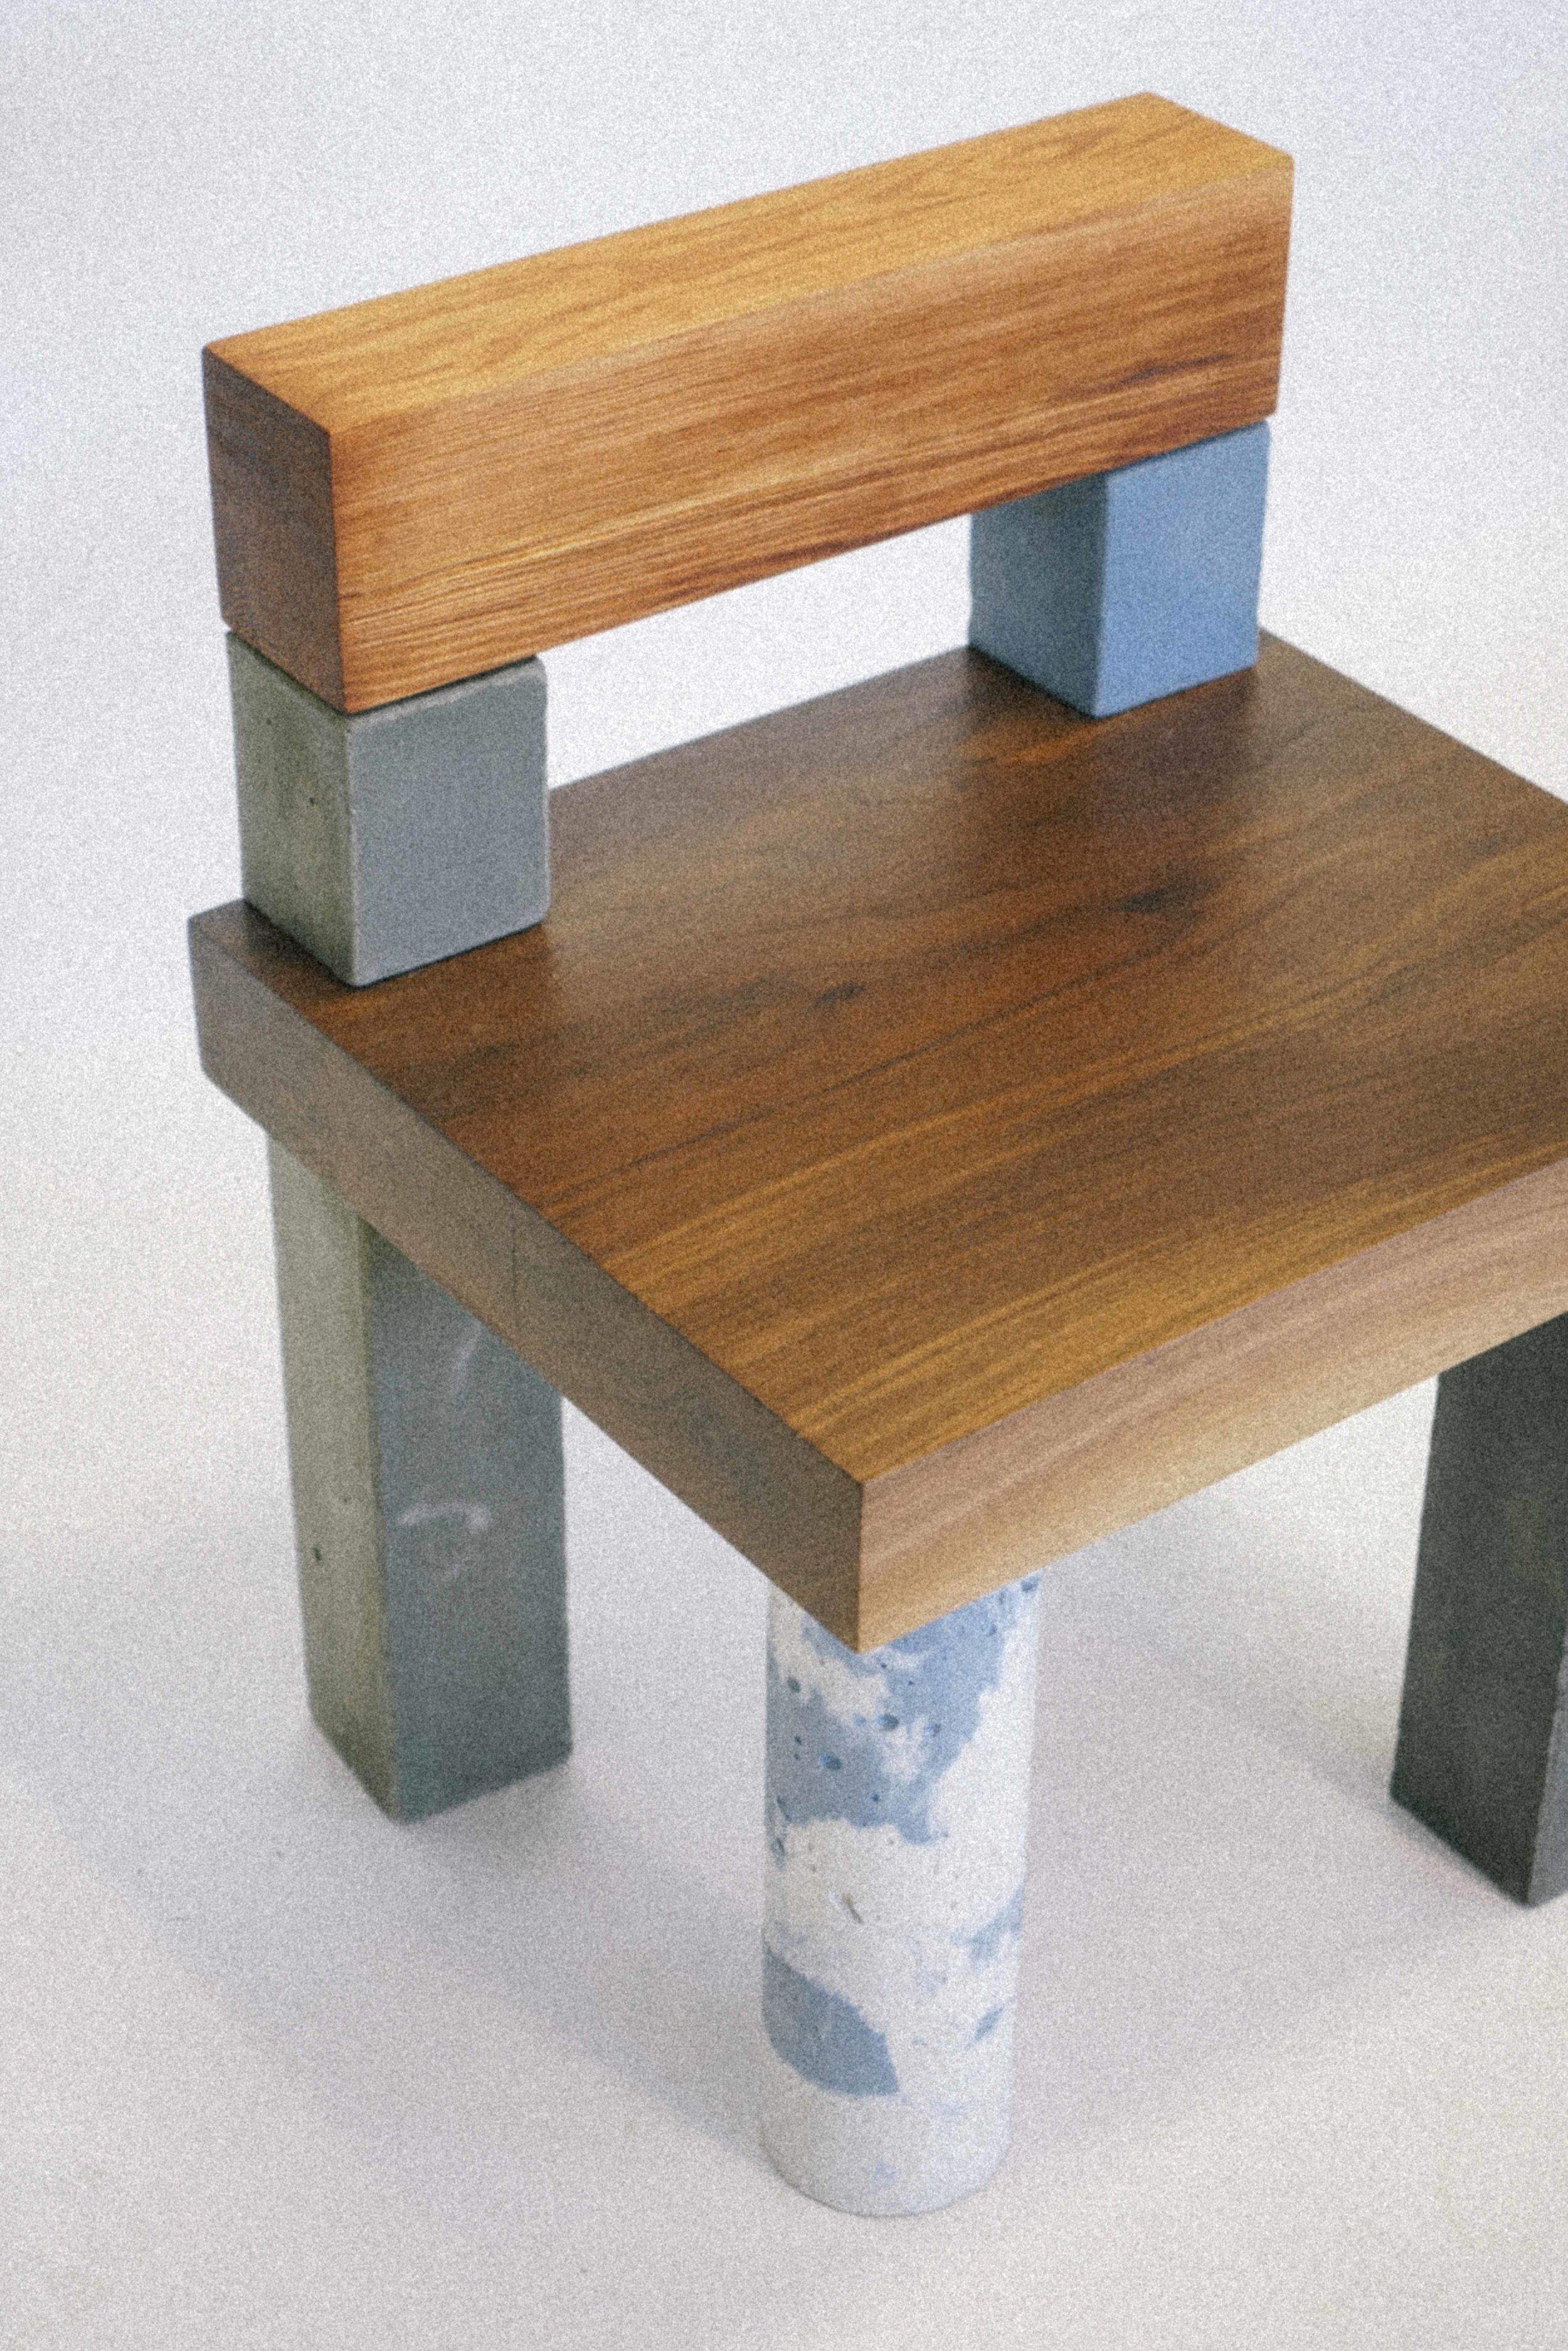 chair_grain1.jpg